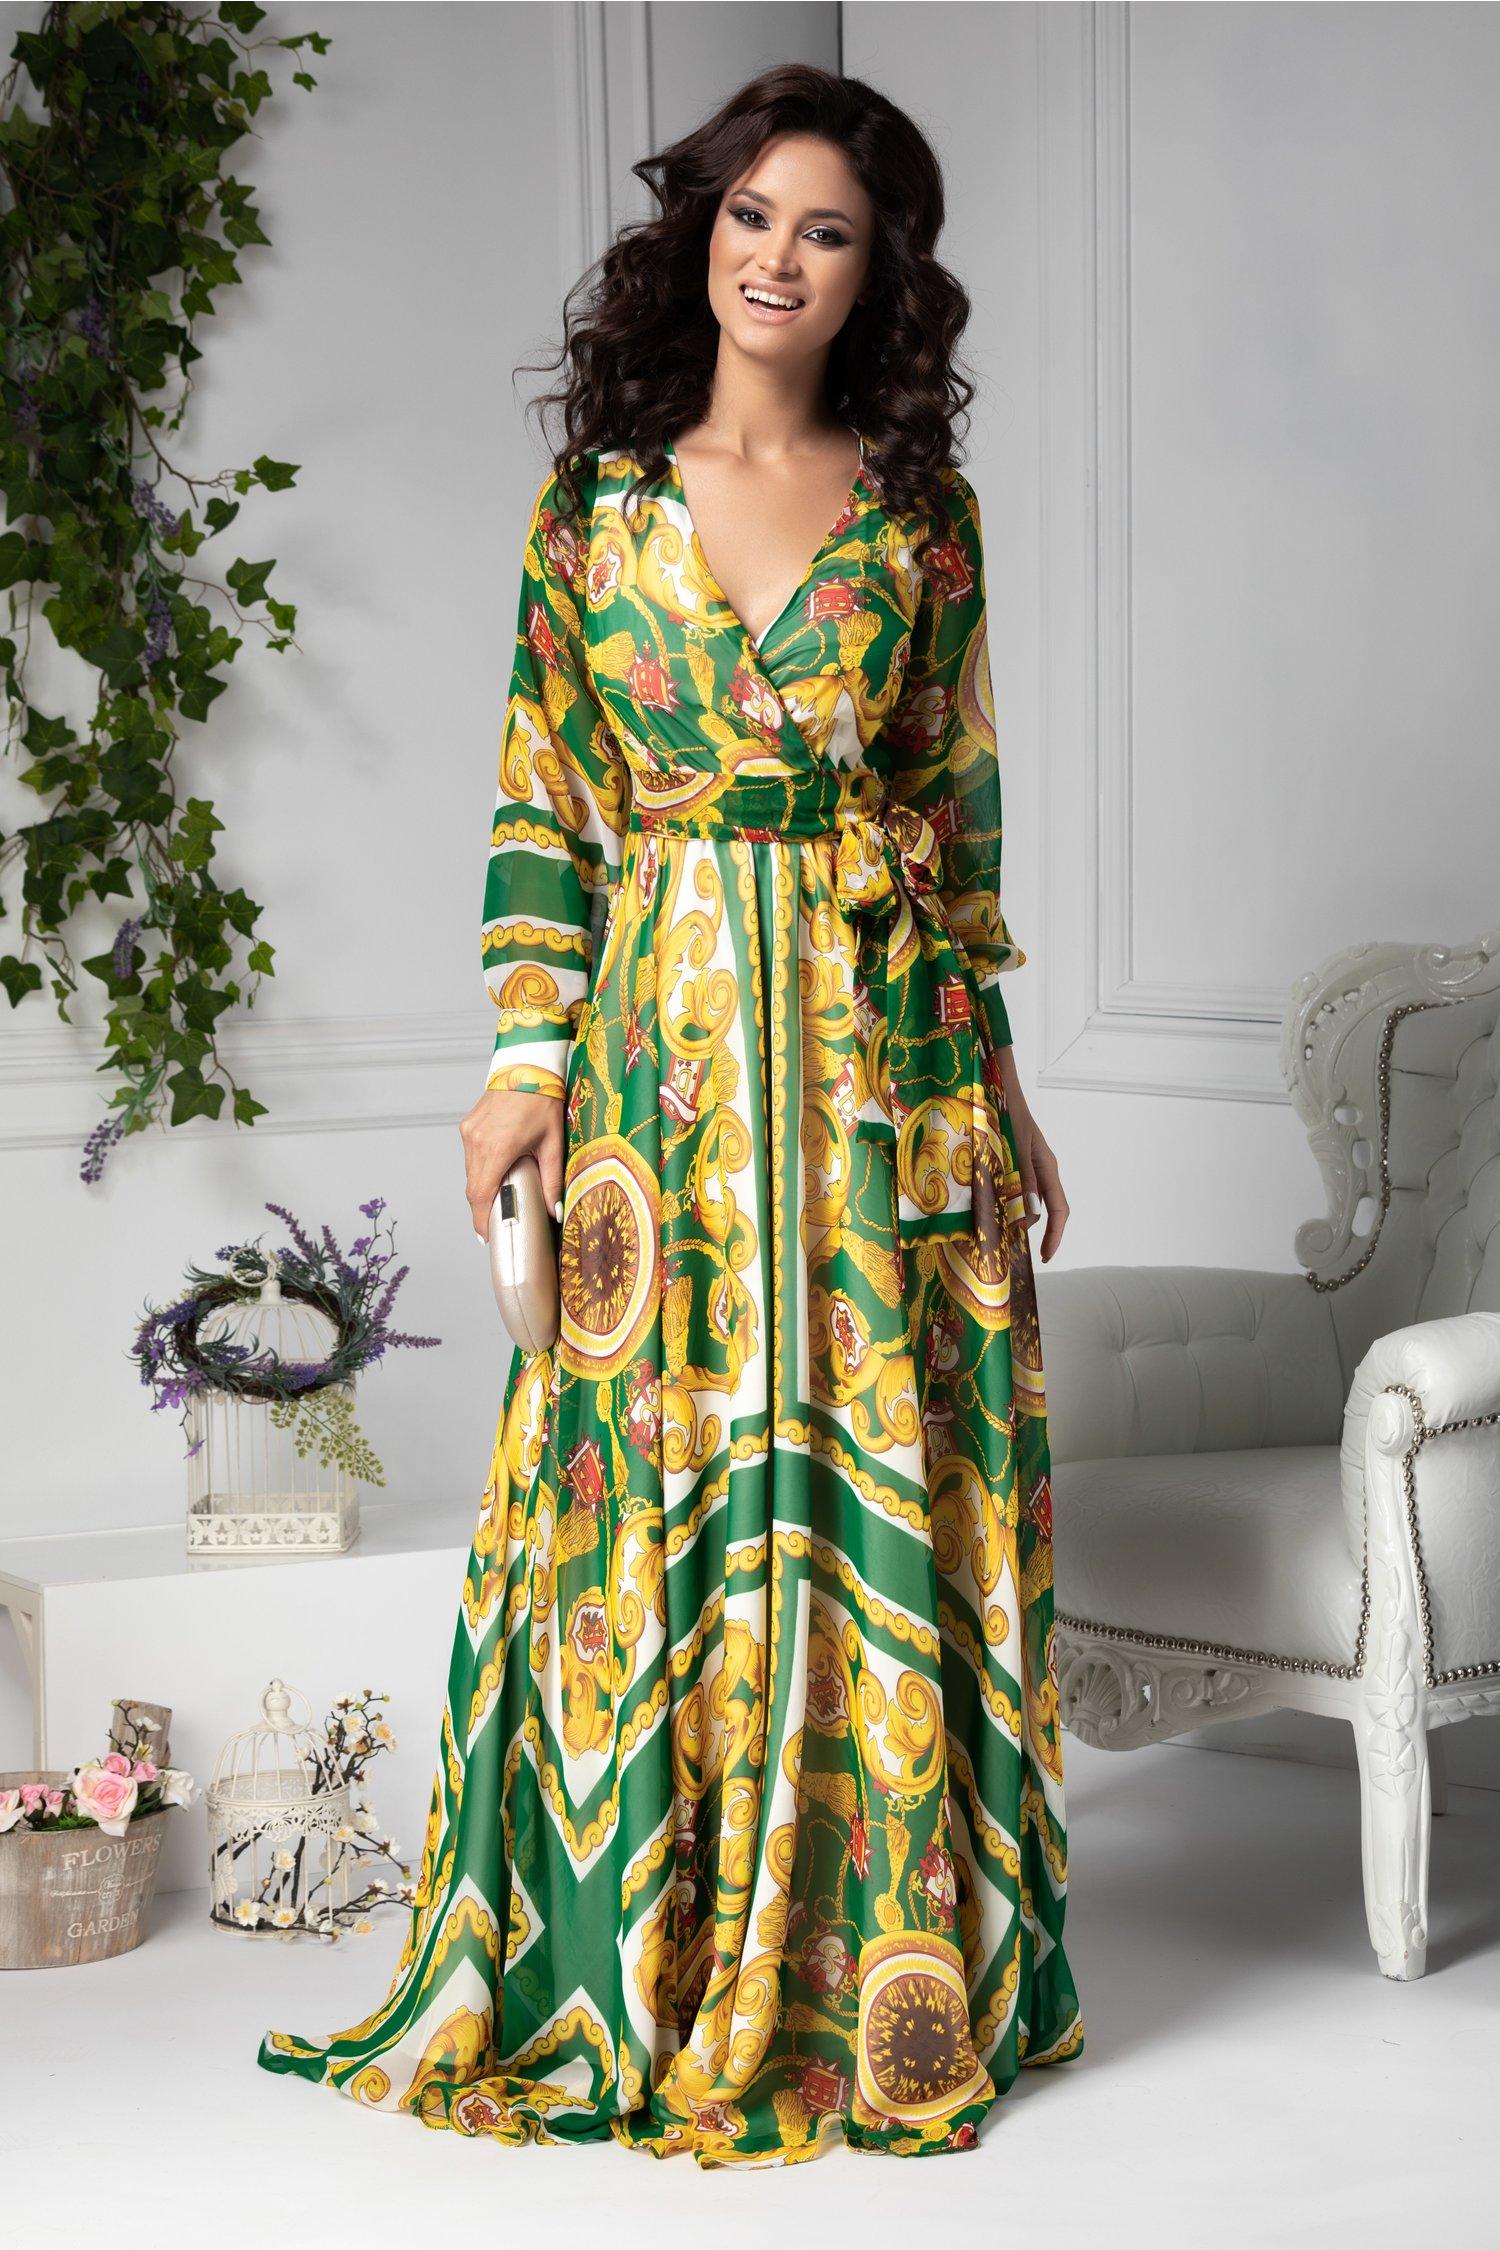 Rochie Ladonna lunga vaporoasa verde cu imprimeu